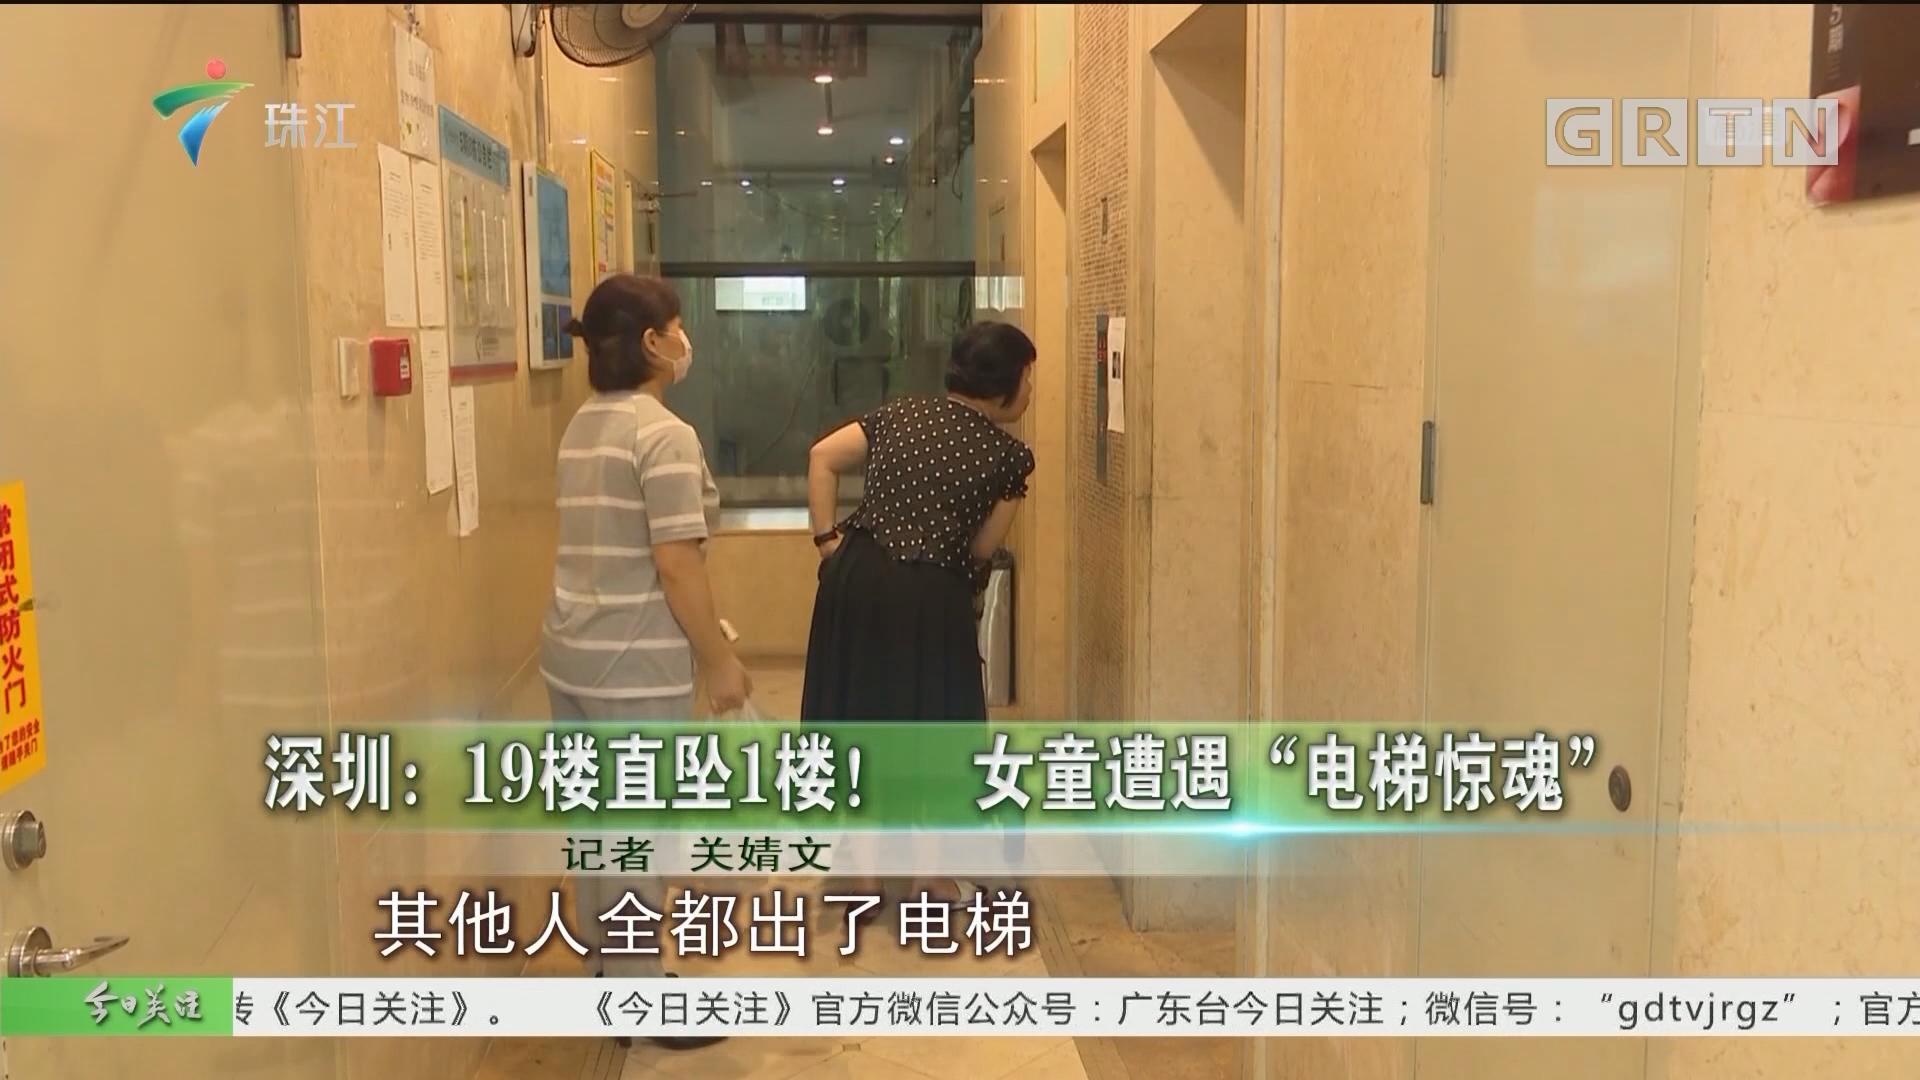 """深圳:19楼直坠1楼! 女童遭遇""""电梯惊魂"""""""